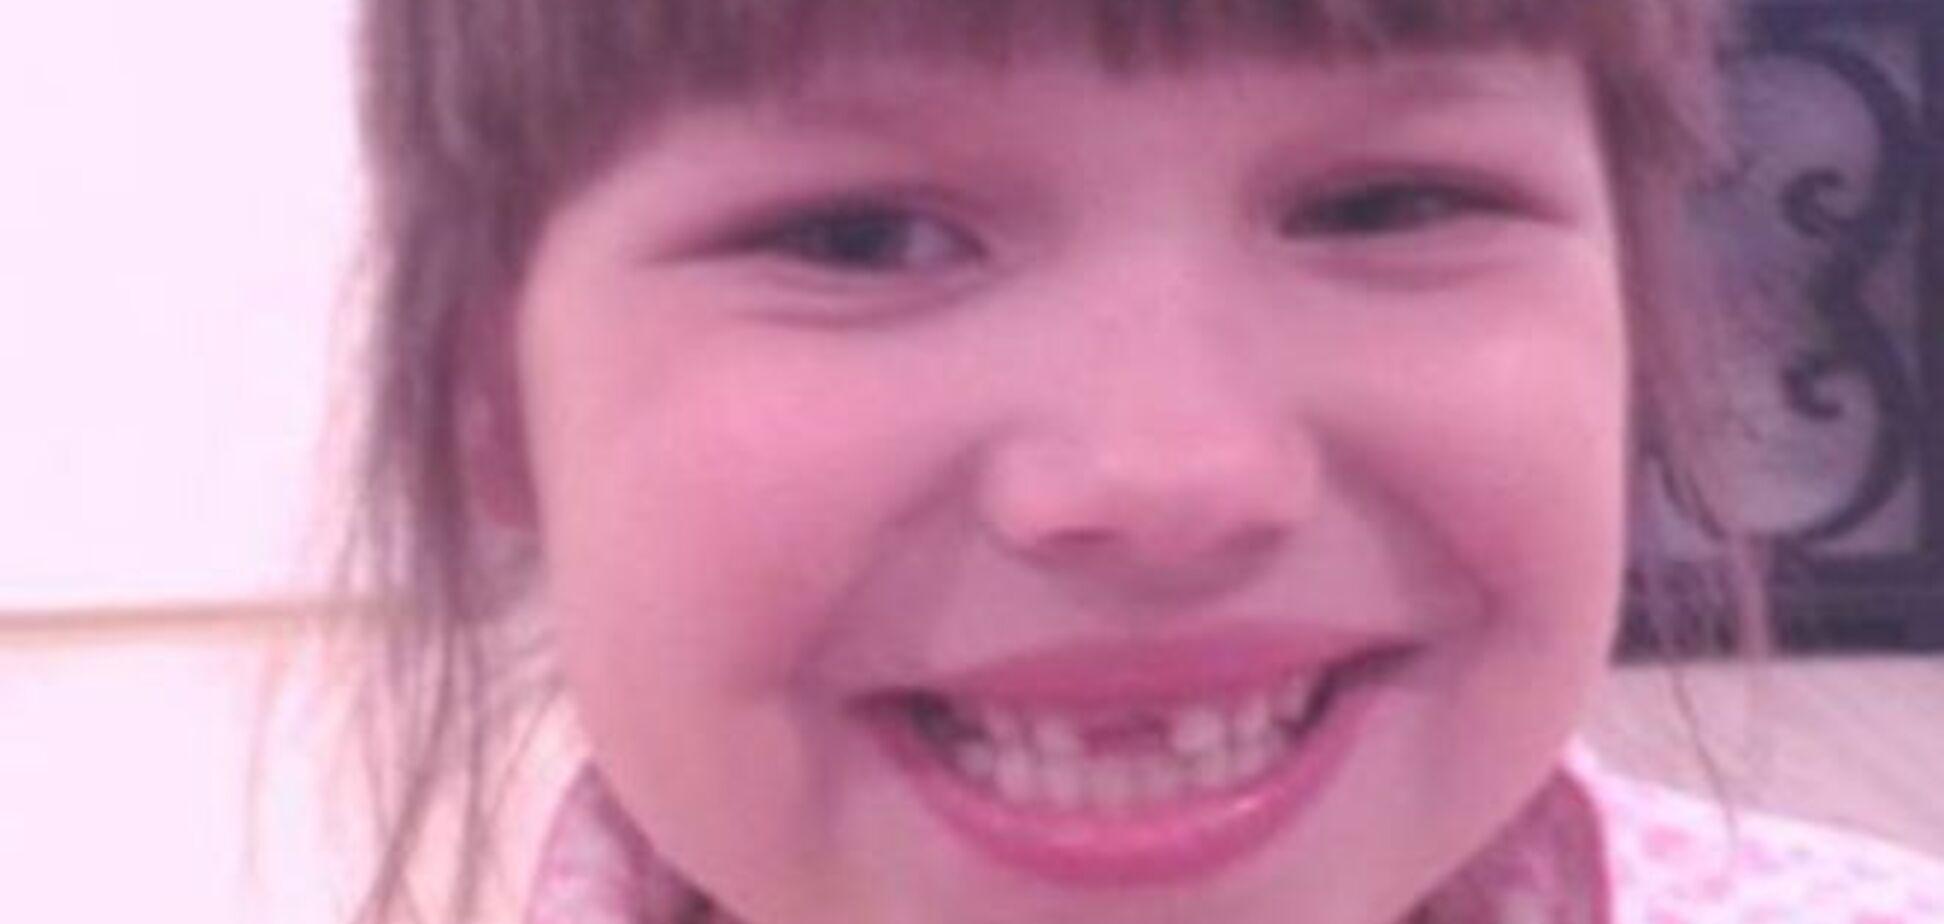 'Захотелось убить'. В СМИ всплыли шокирующие подробности громкого убийства 8-летней девочки в Запорожье